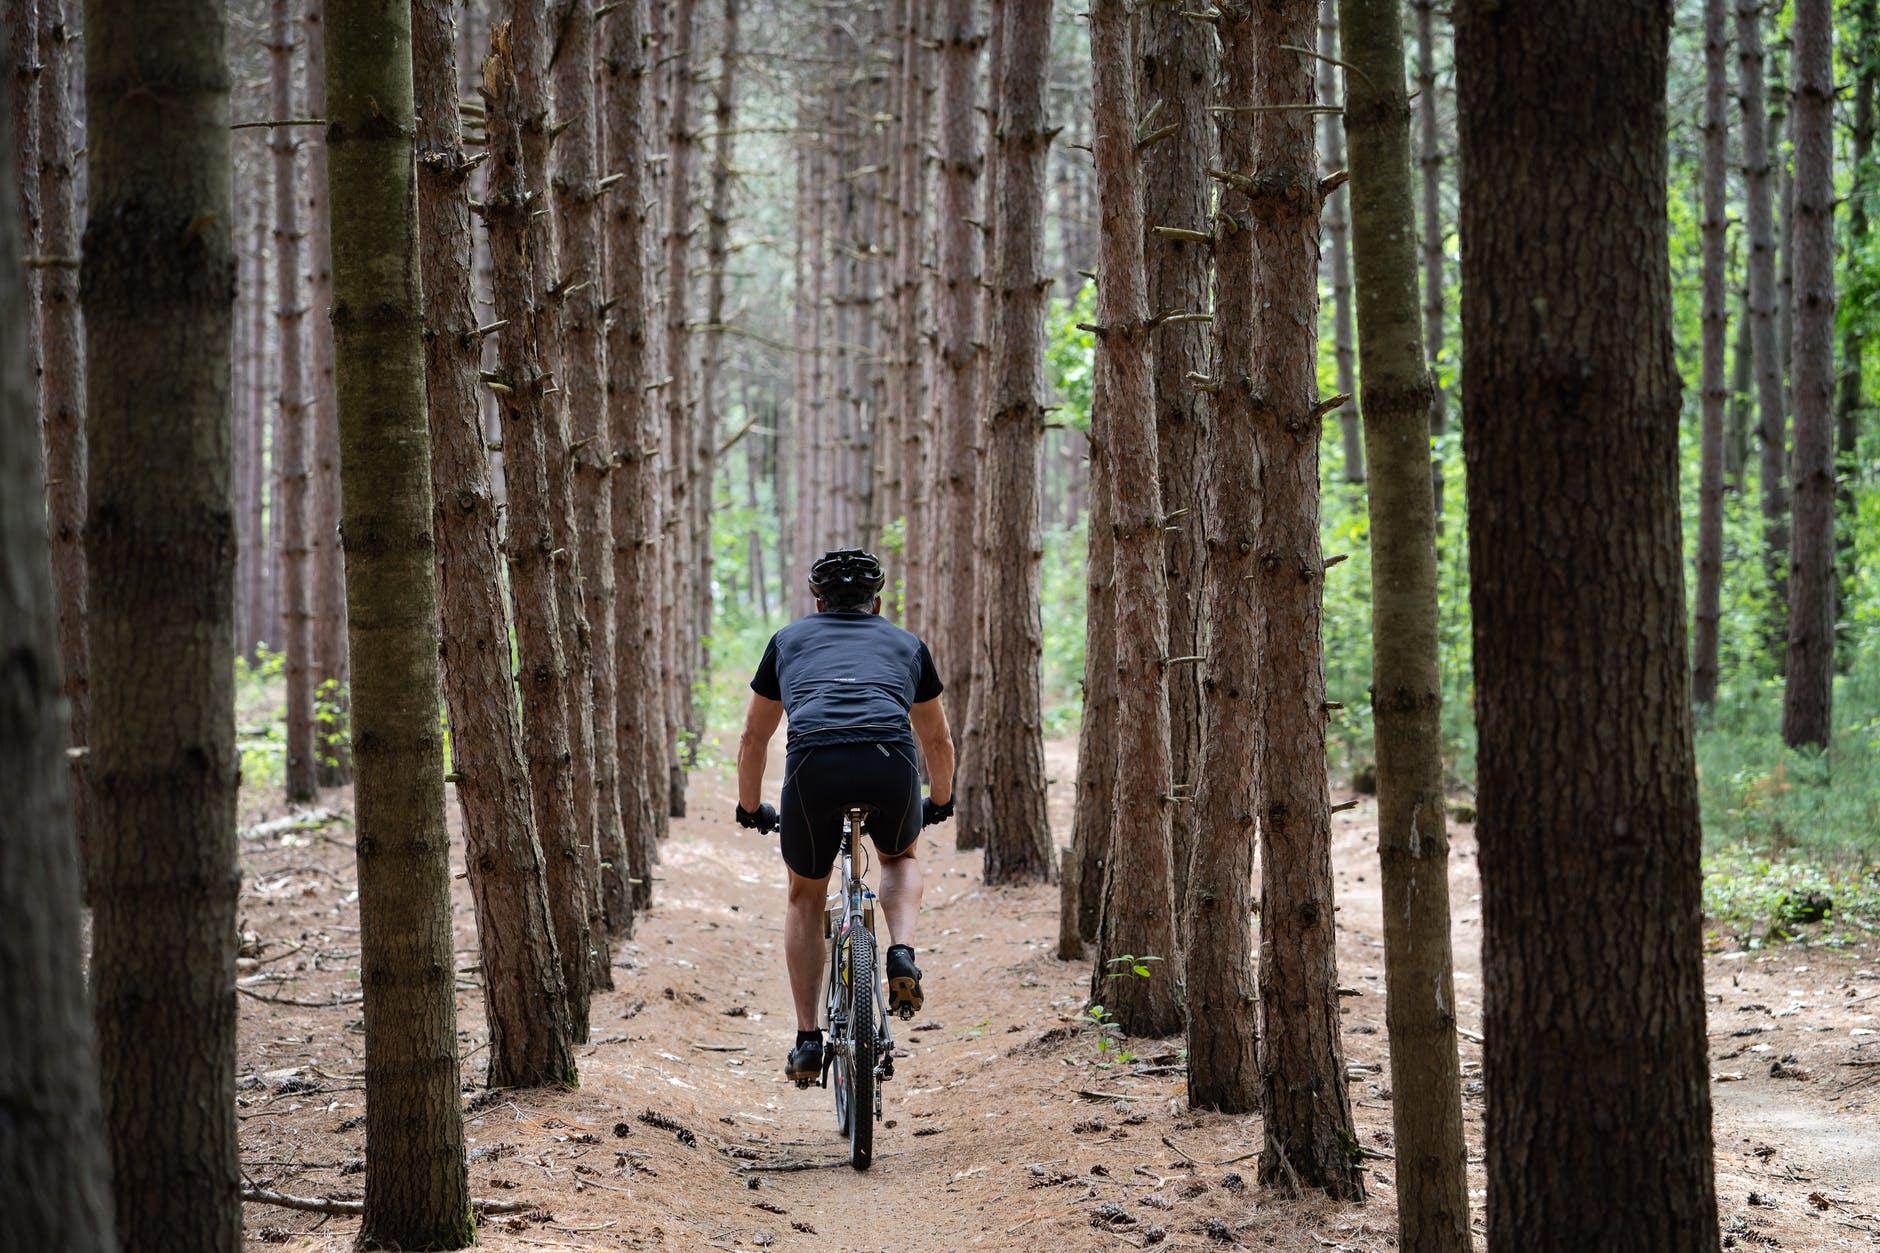 bike-bicicletta-alberi-bosco-cicloturismo